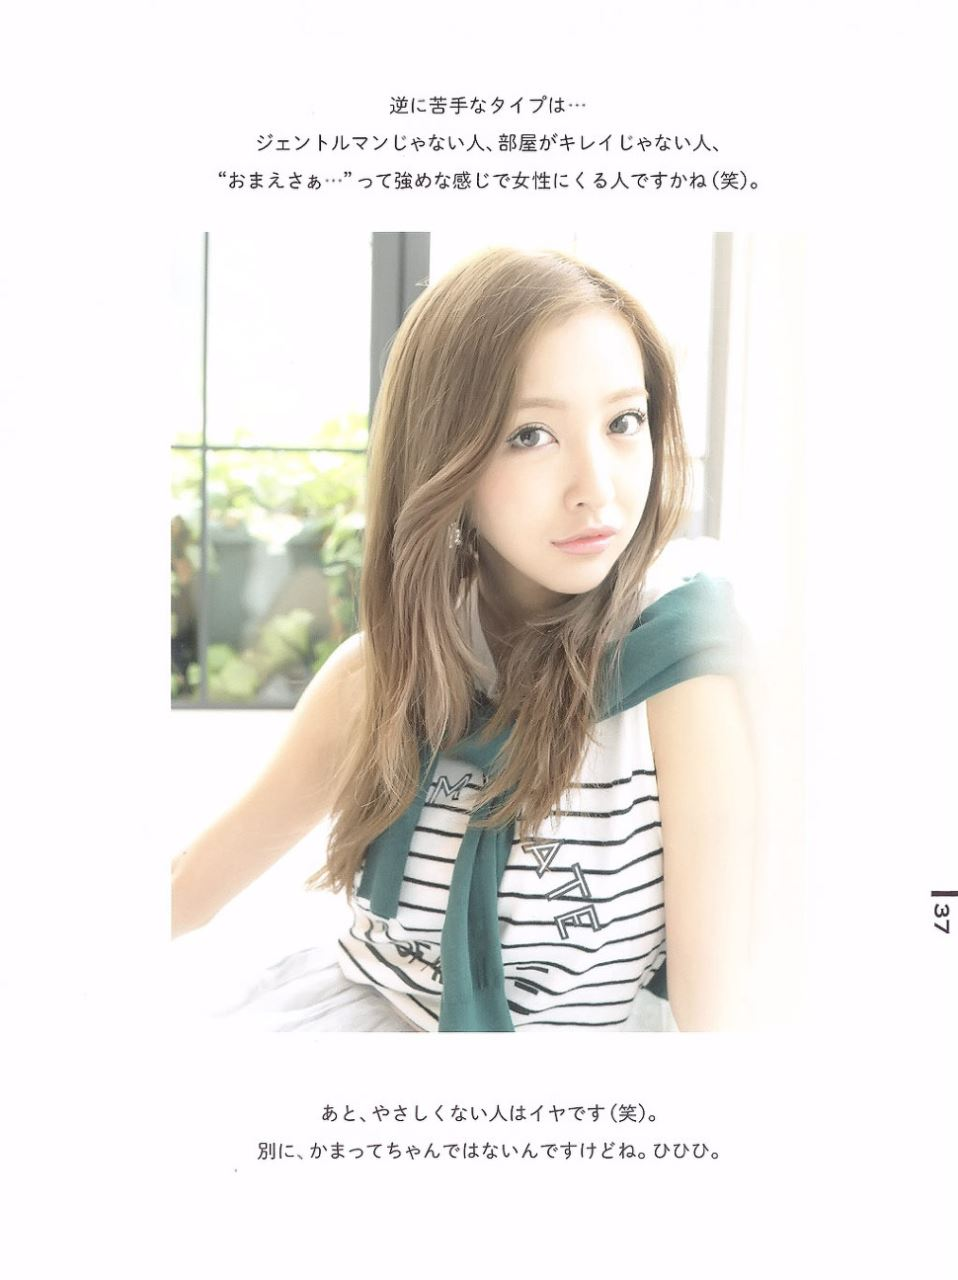 板野友美 すっぴん写真集「Luv U」画像 39